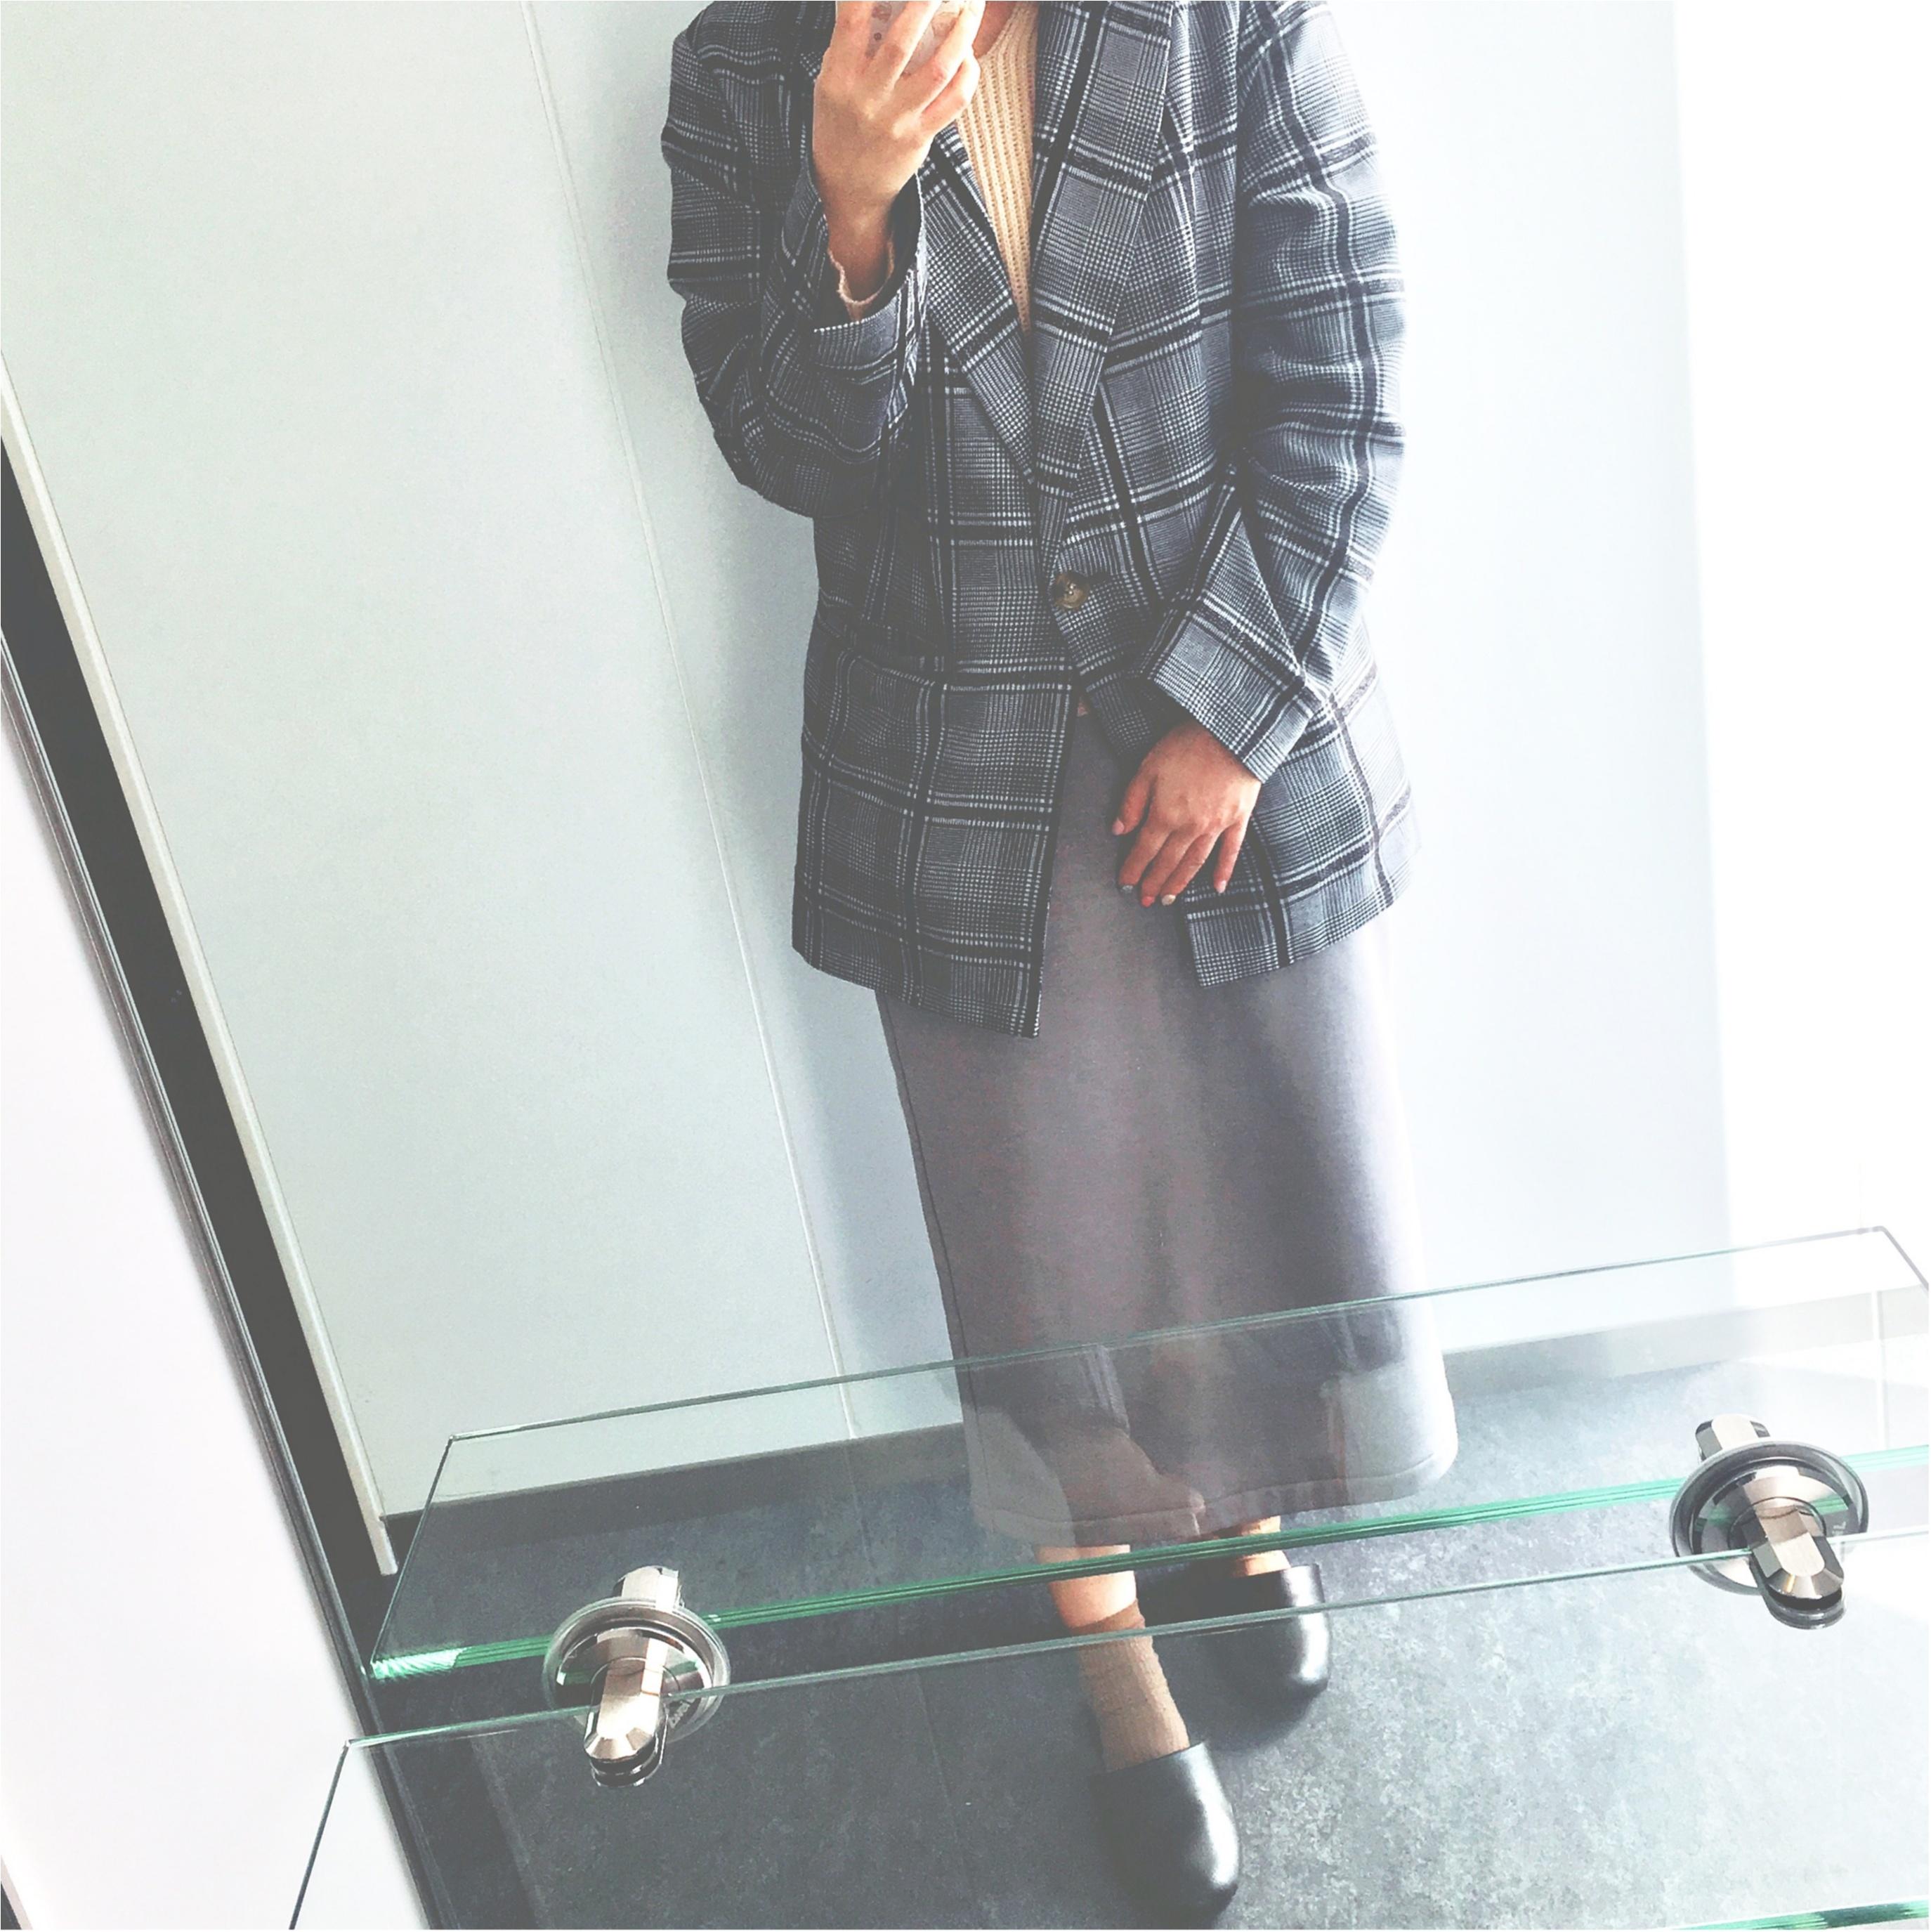 """11/29(木)まで!! 映画「ハリー・ポッター」の""""9と3/4番線""""が渋谷に!?【今週のモアハピ部人気ランキング】_1_1"""